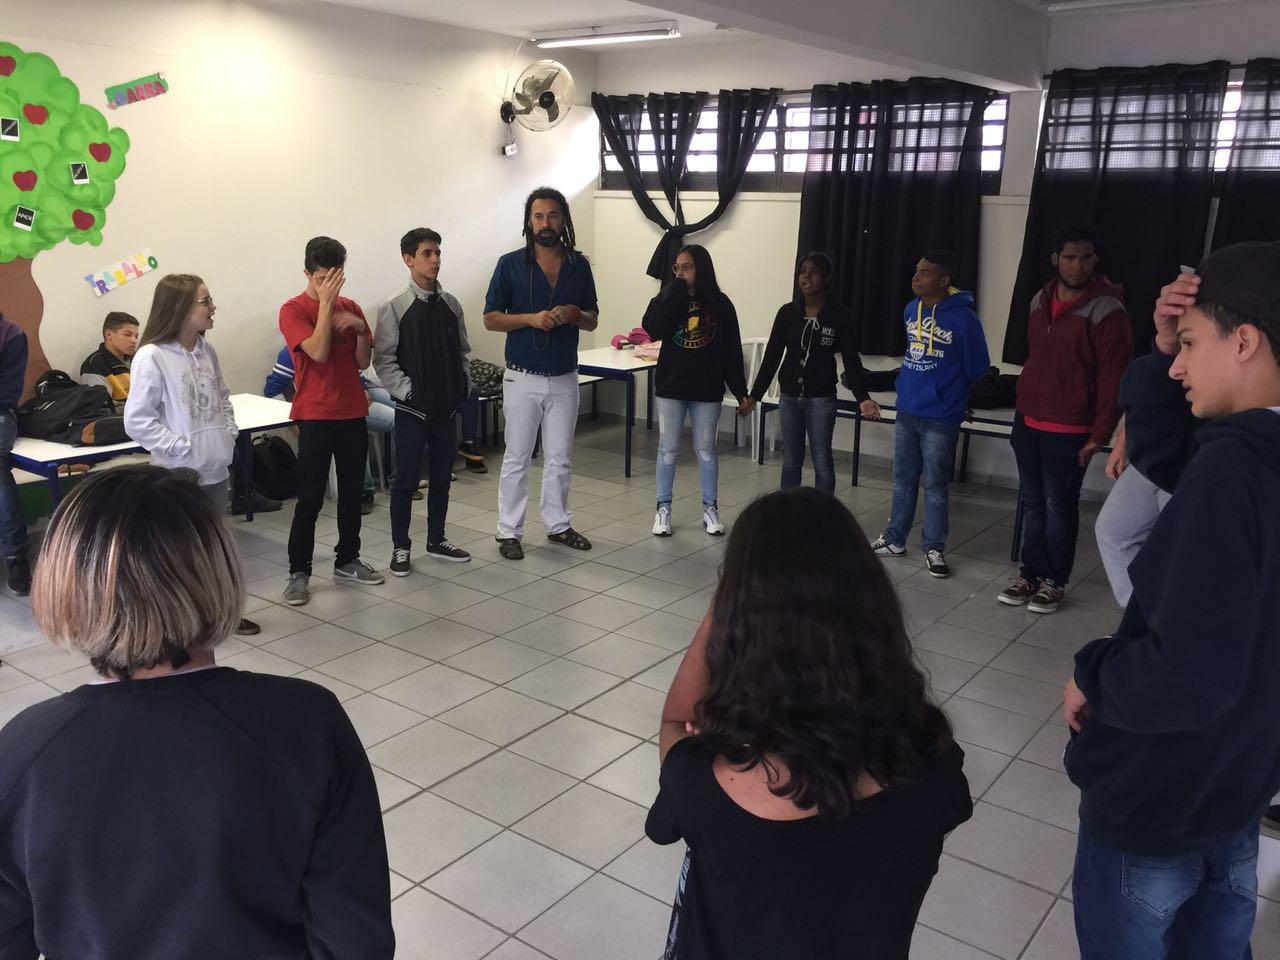 Adolescentes de pé e em roda conversam dentro de sala de aula